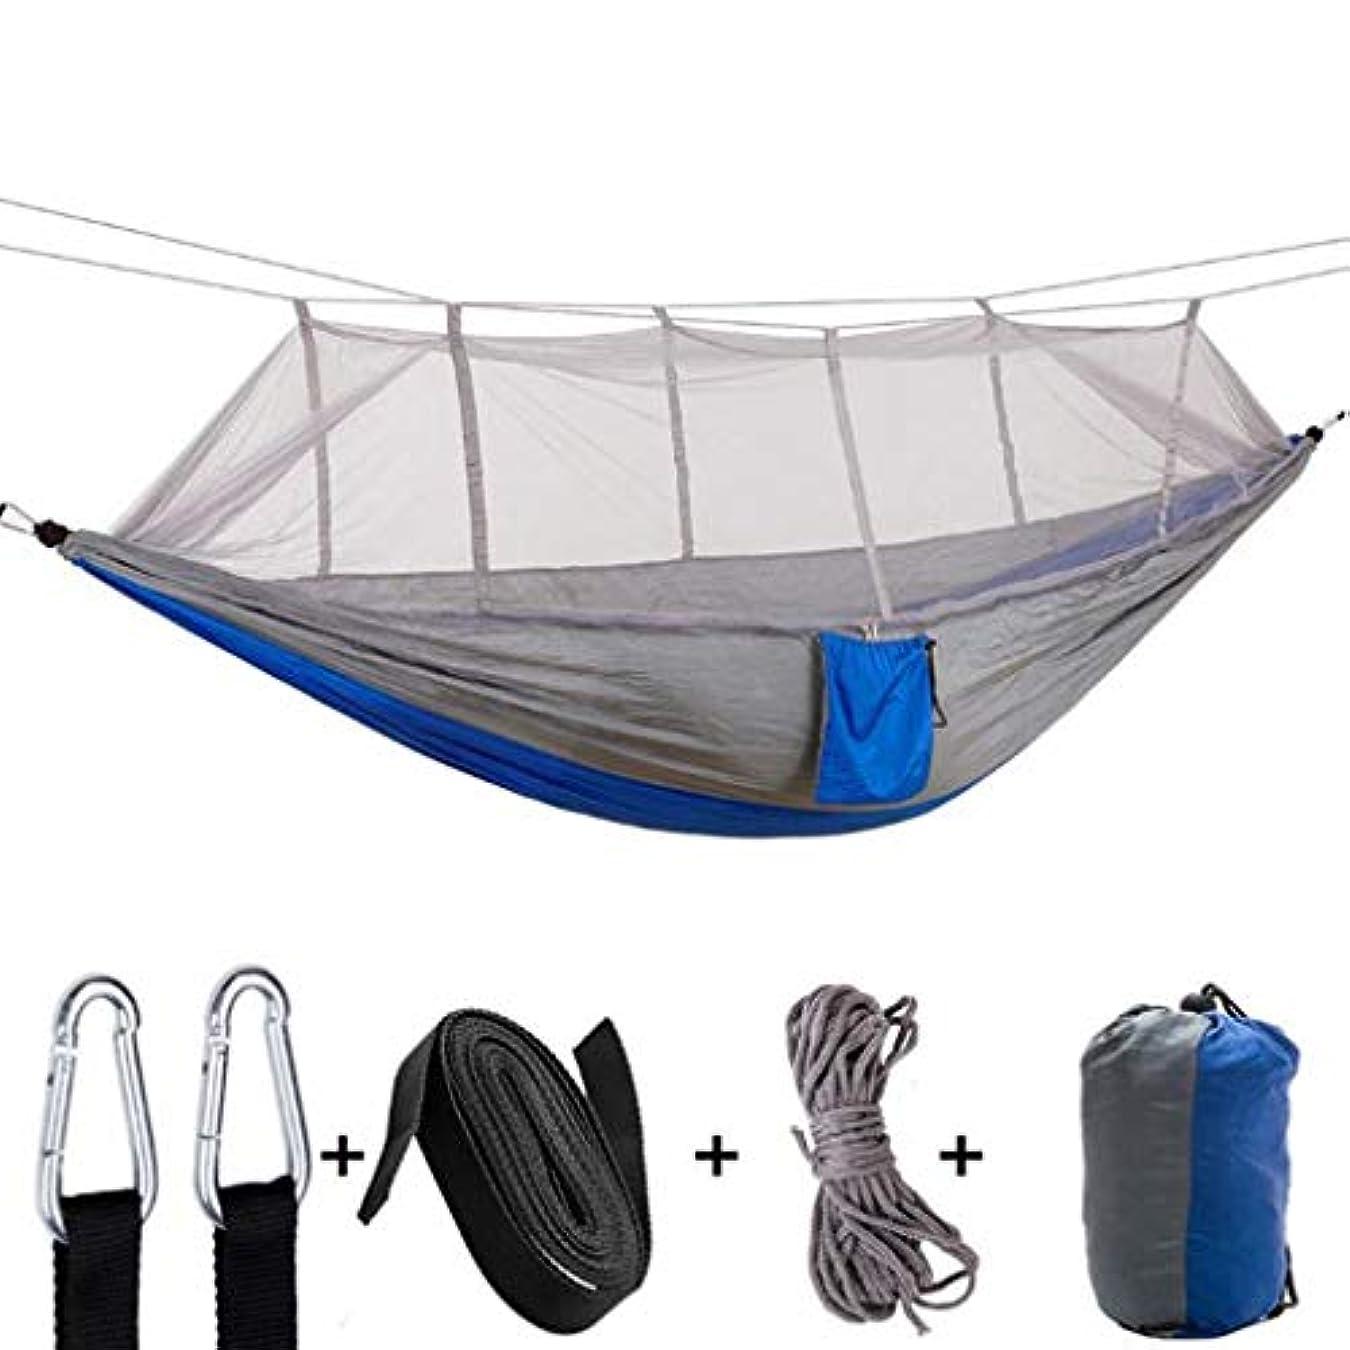 然としたマリン石炭パラシュート布ハンモック、蚊帳付き超軽量ナイロンダブル屋外キャンプ空中テント